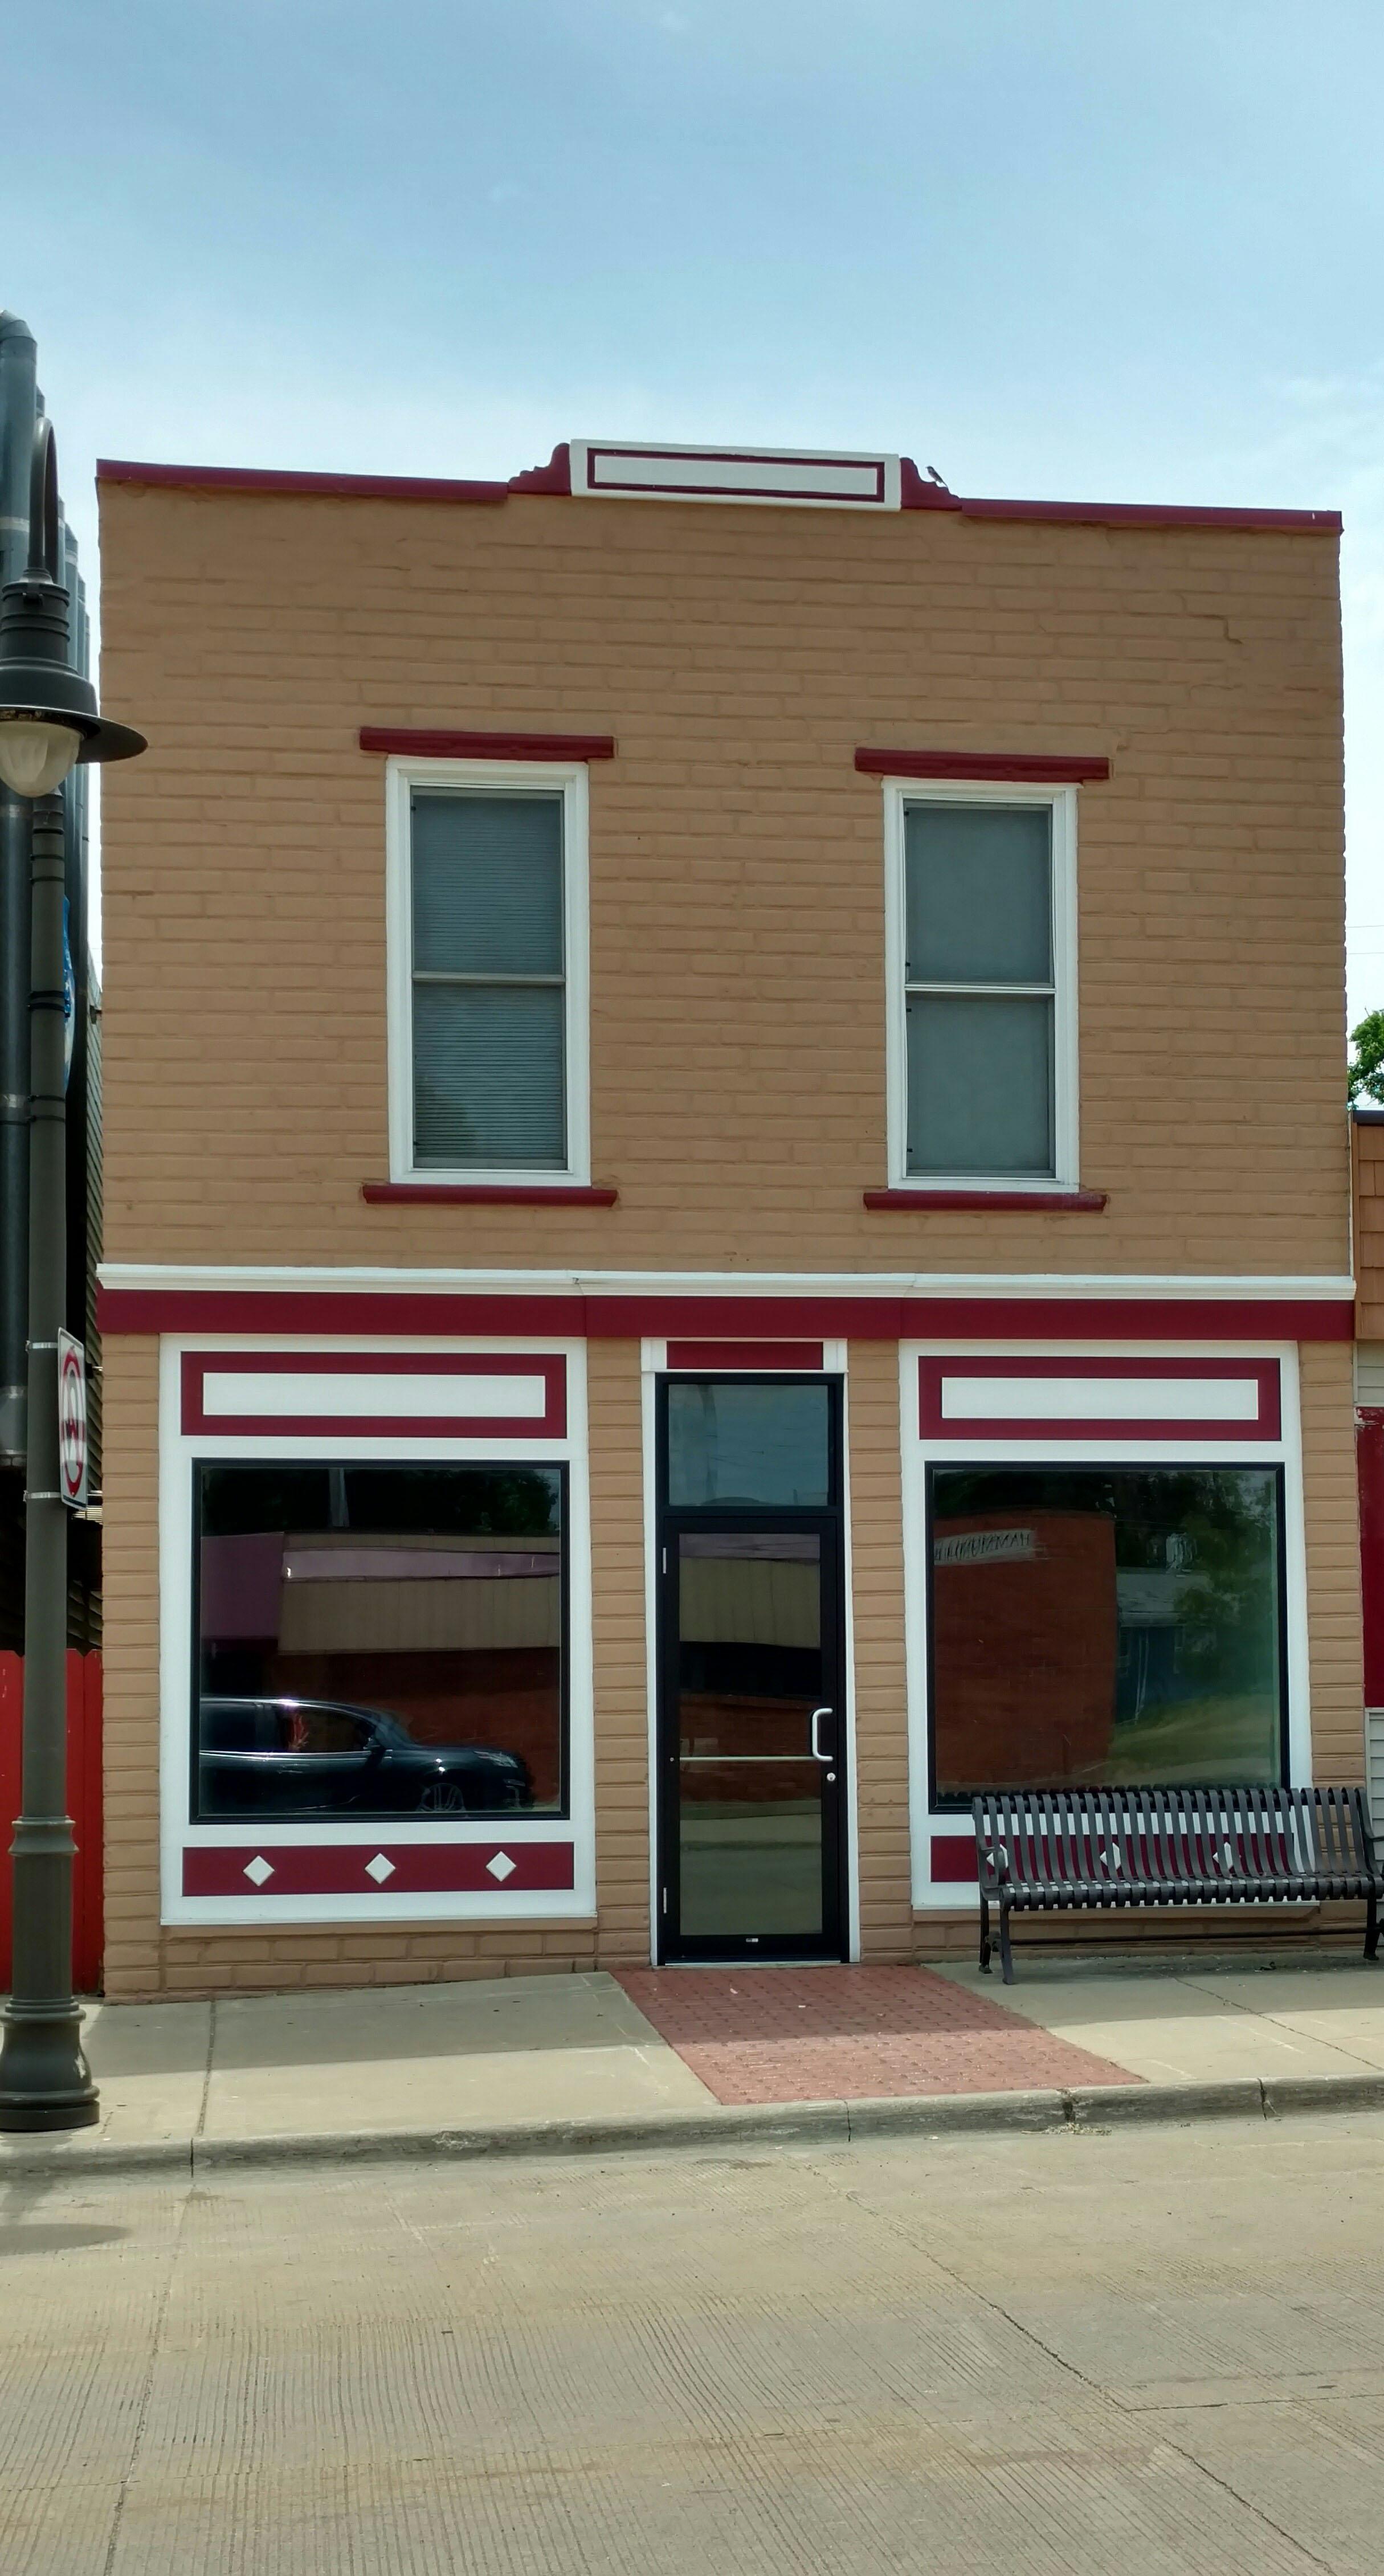 Webb Building 136 E Main, Springport